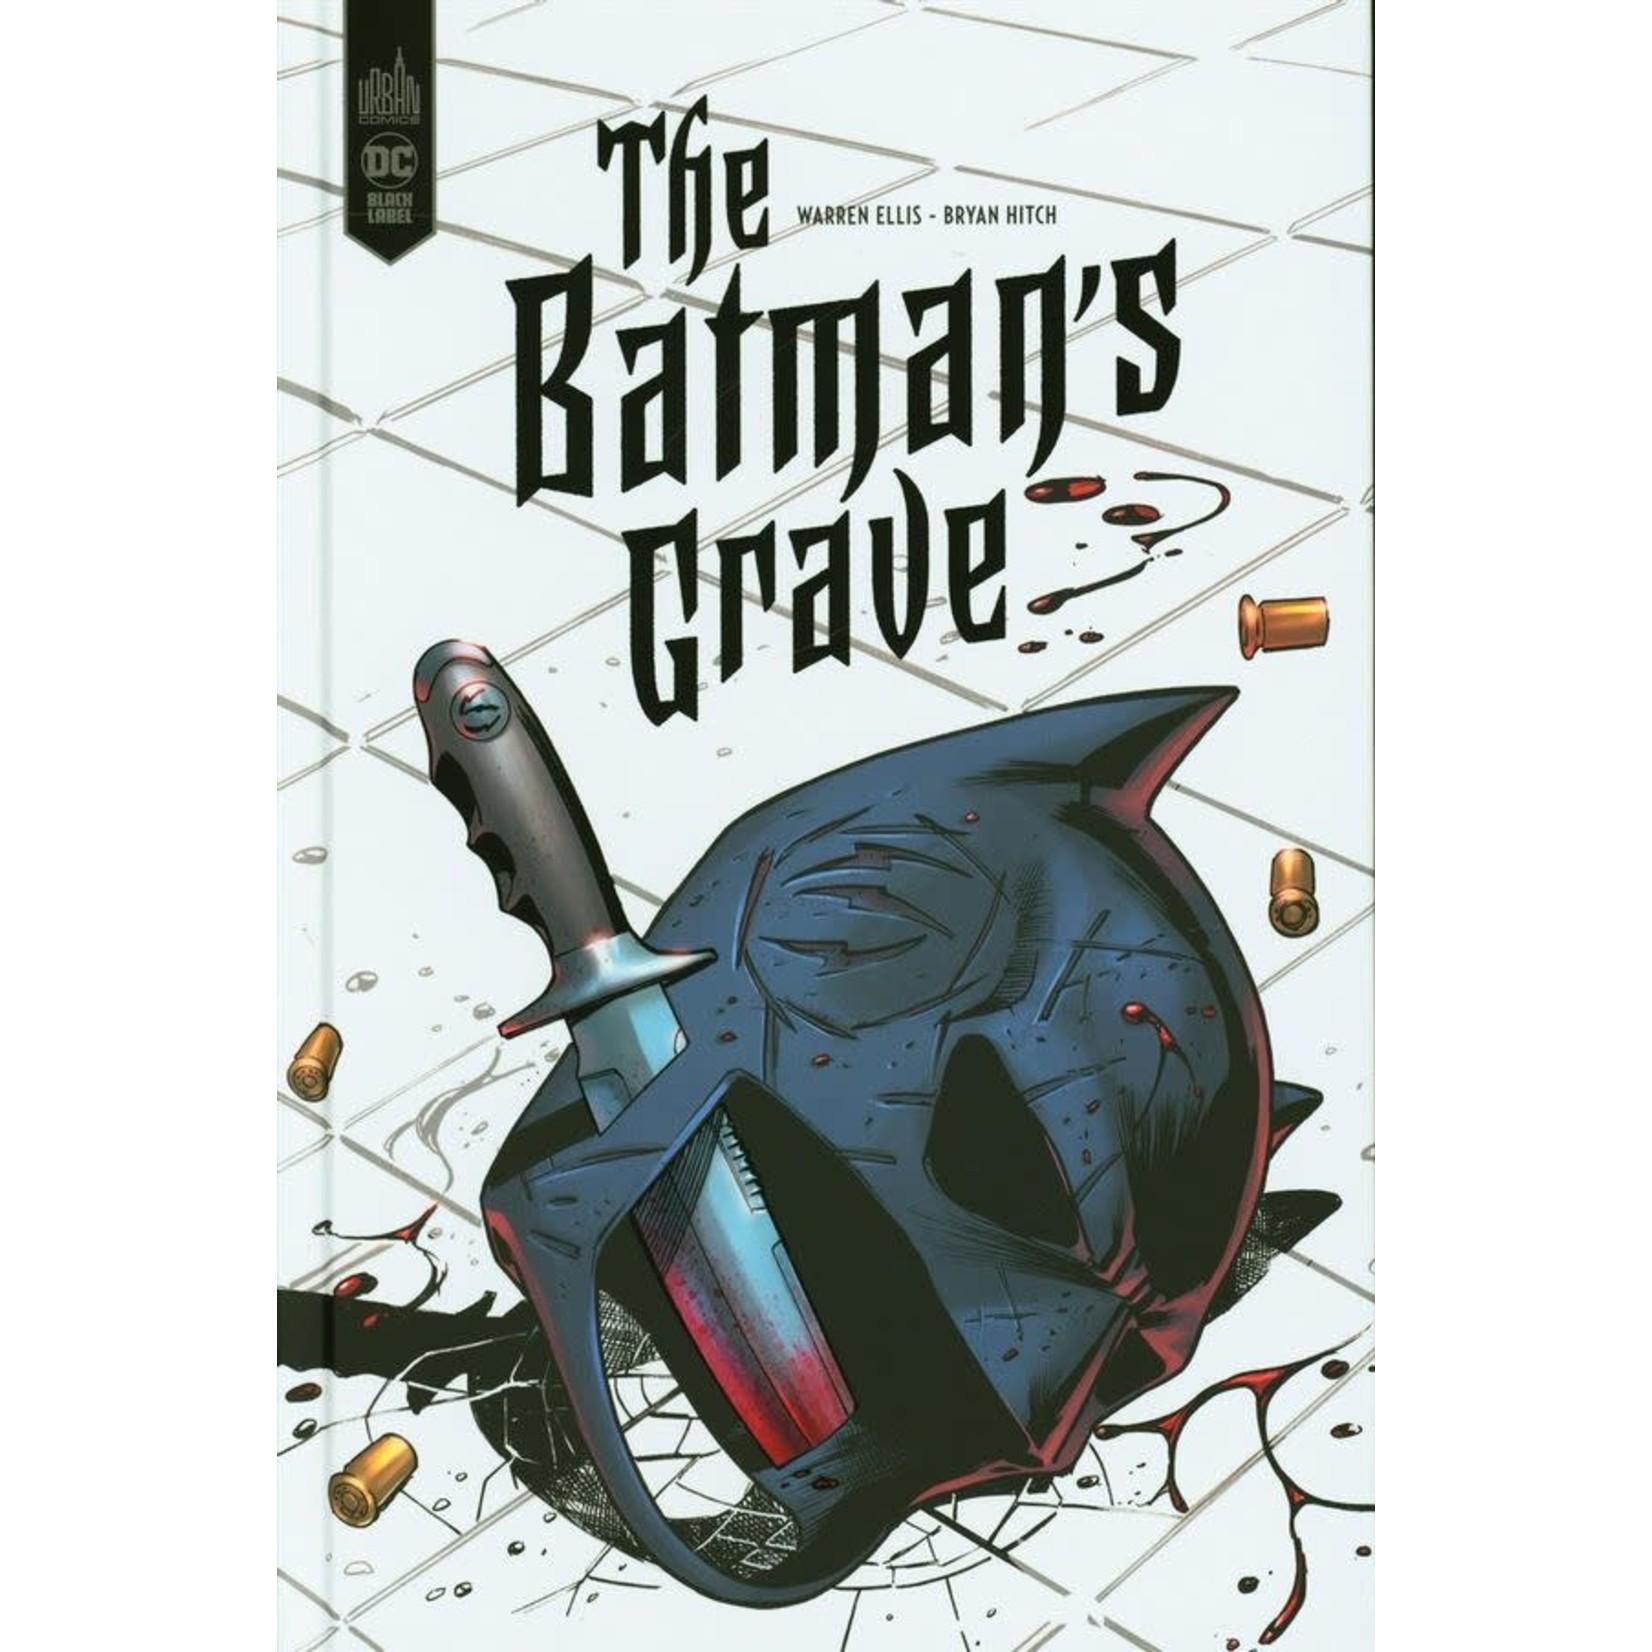 The Batman's Grave